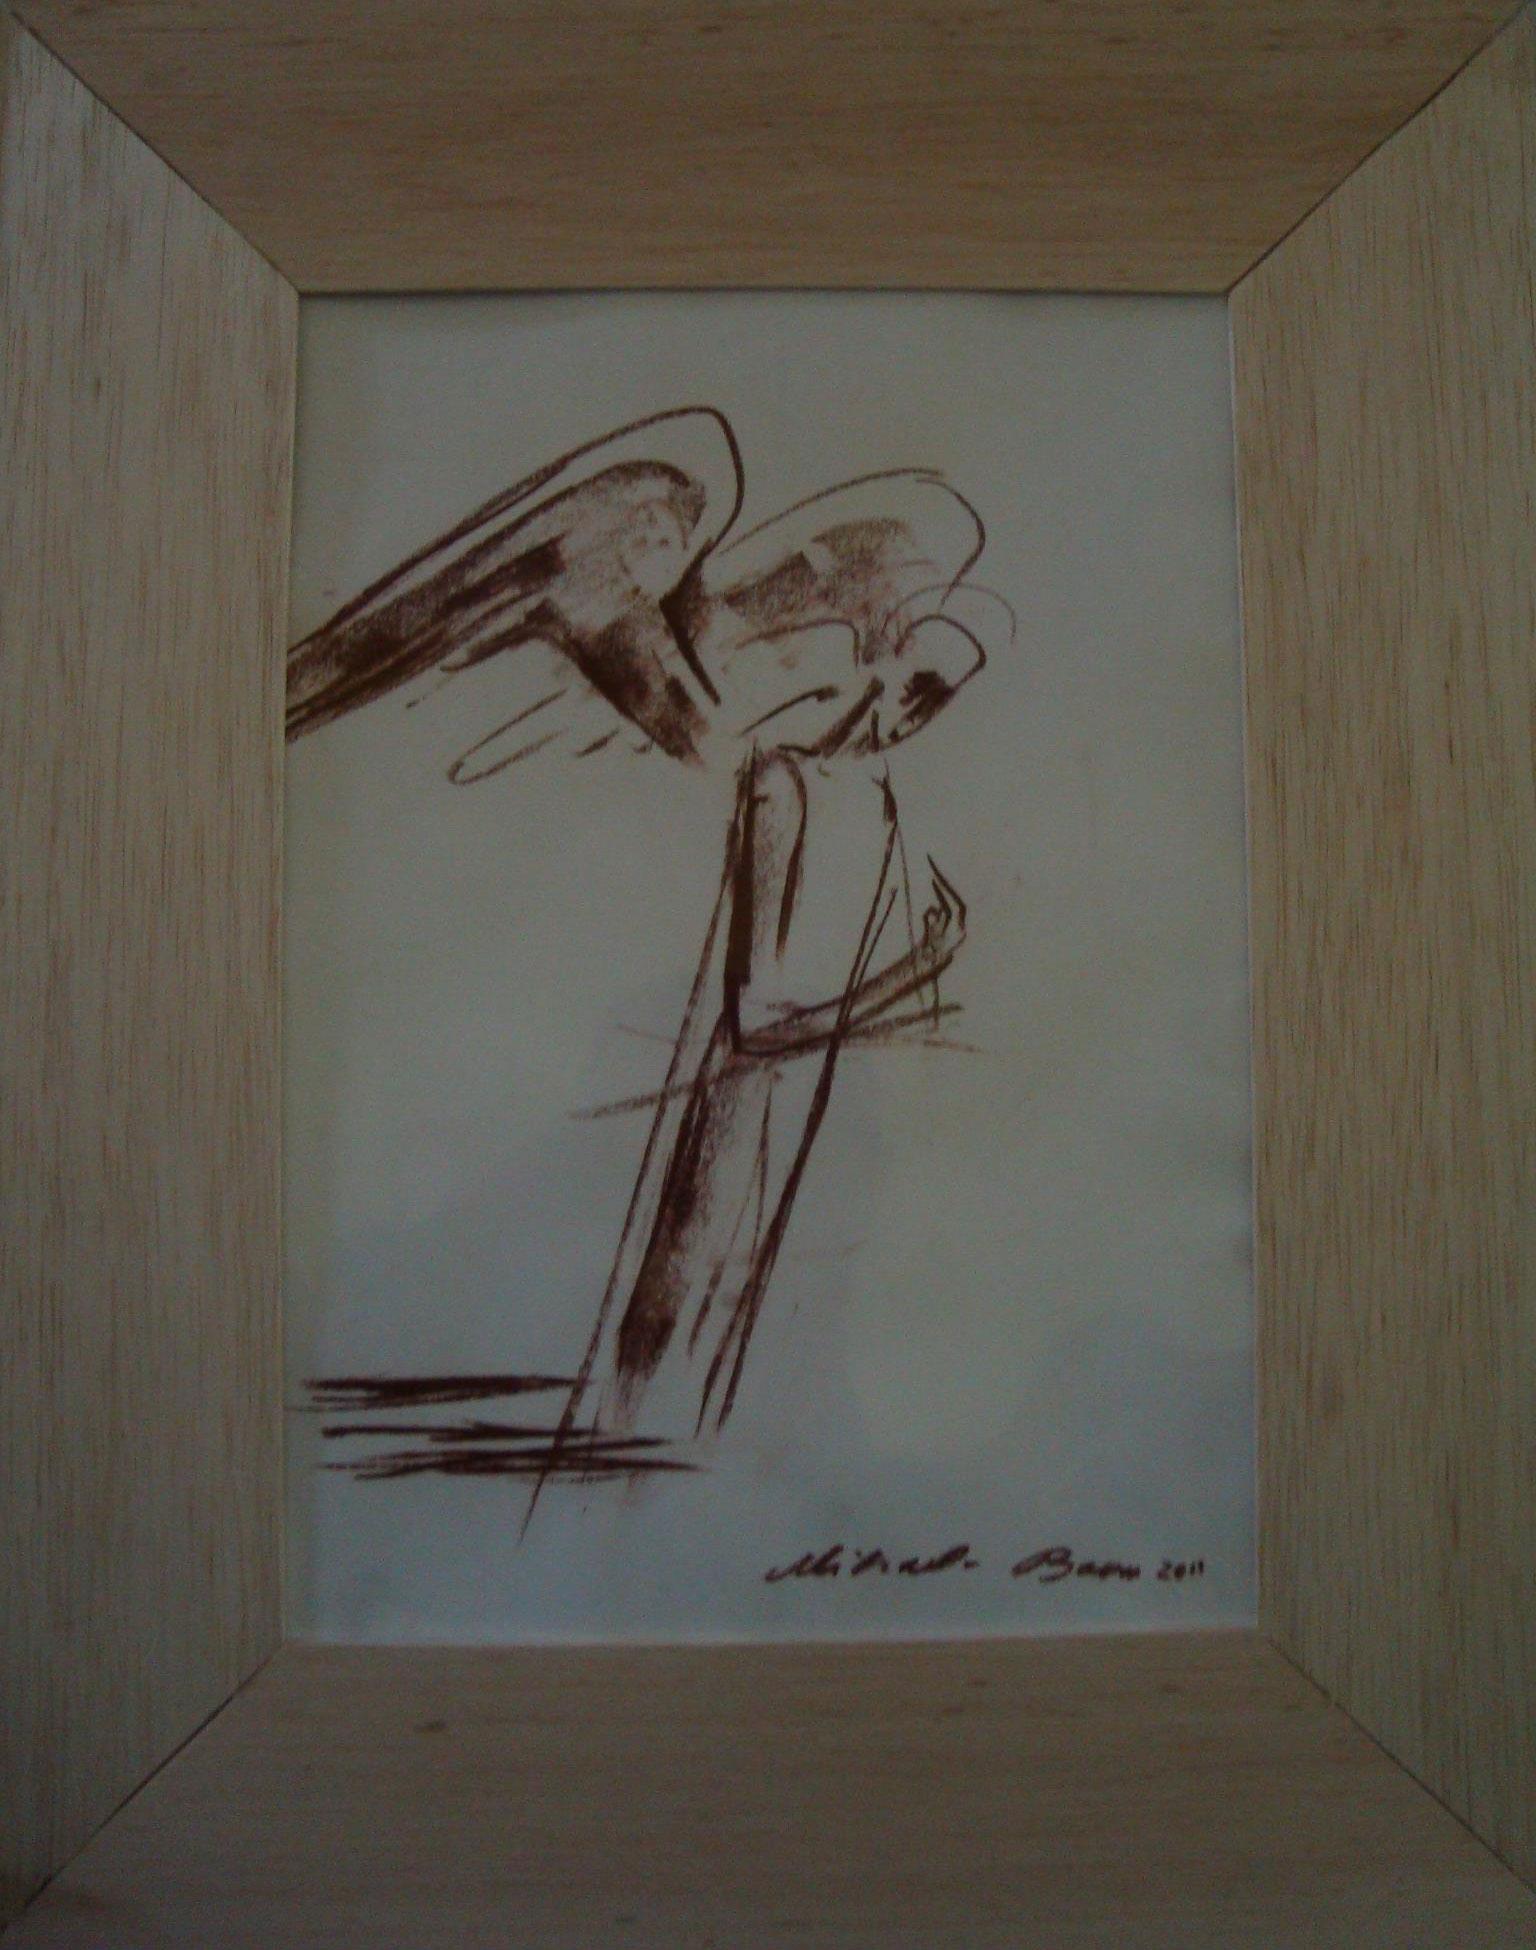 Desene-de-sculptori_o